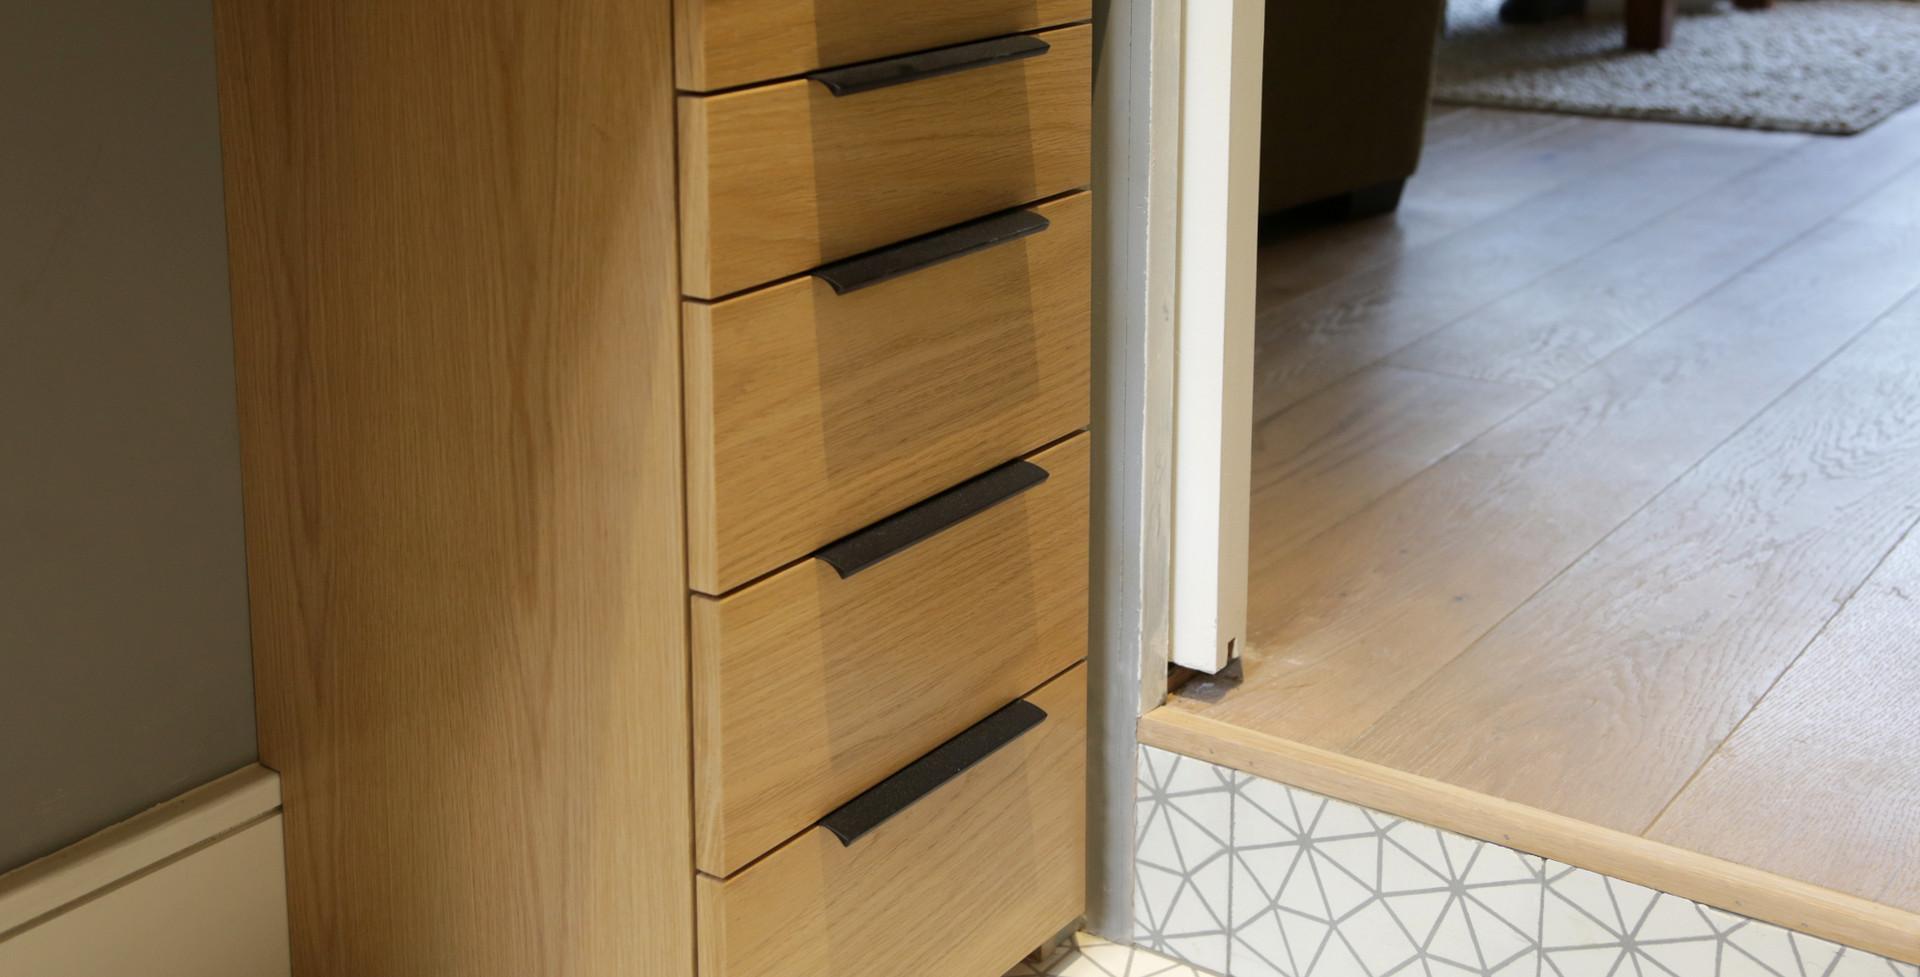 Bespoke drawers